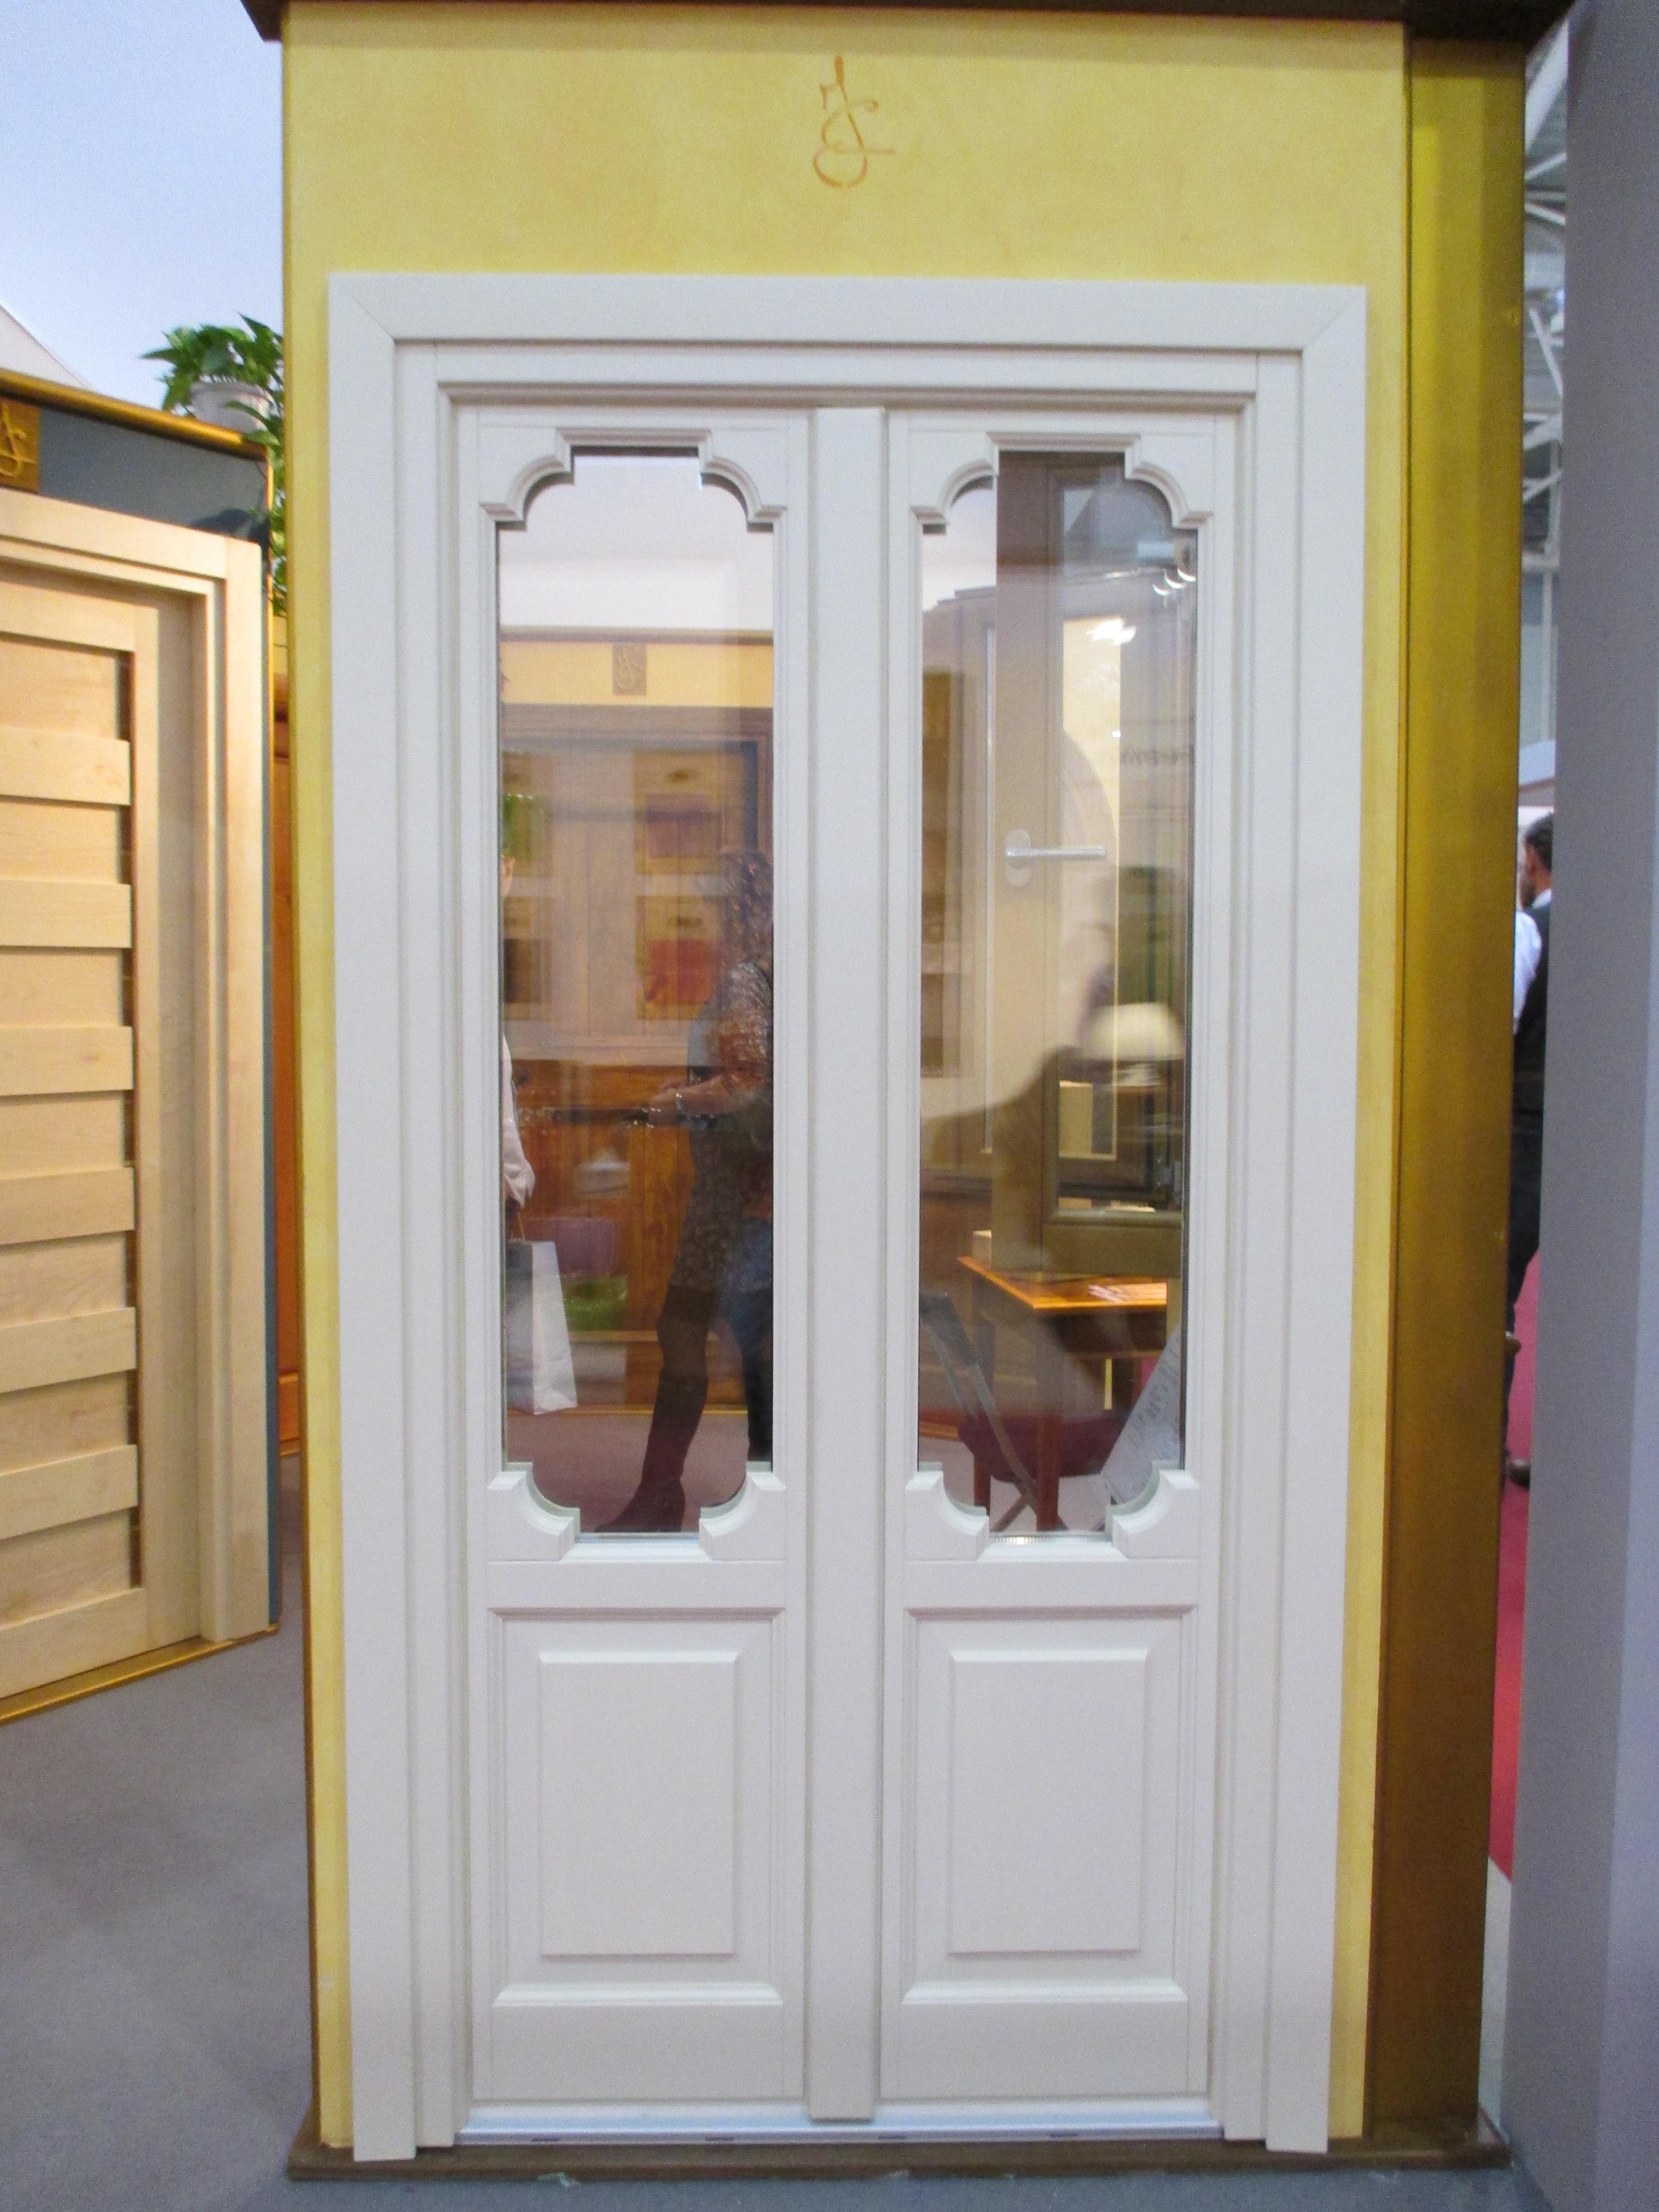 Portafinestra Mod. RESTAURO in legno di larice laccato bianco con bugne inferiori e triplo vetro nella parte superiore